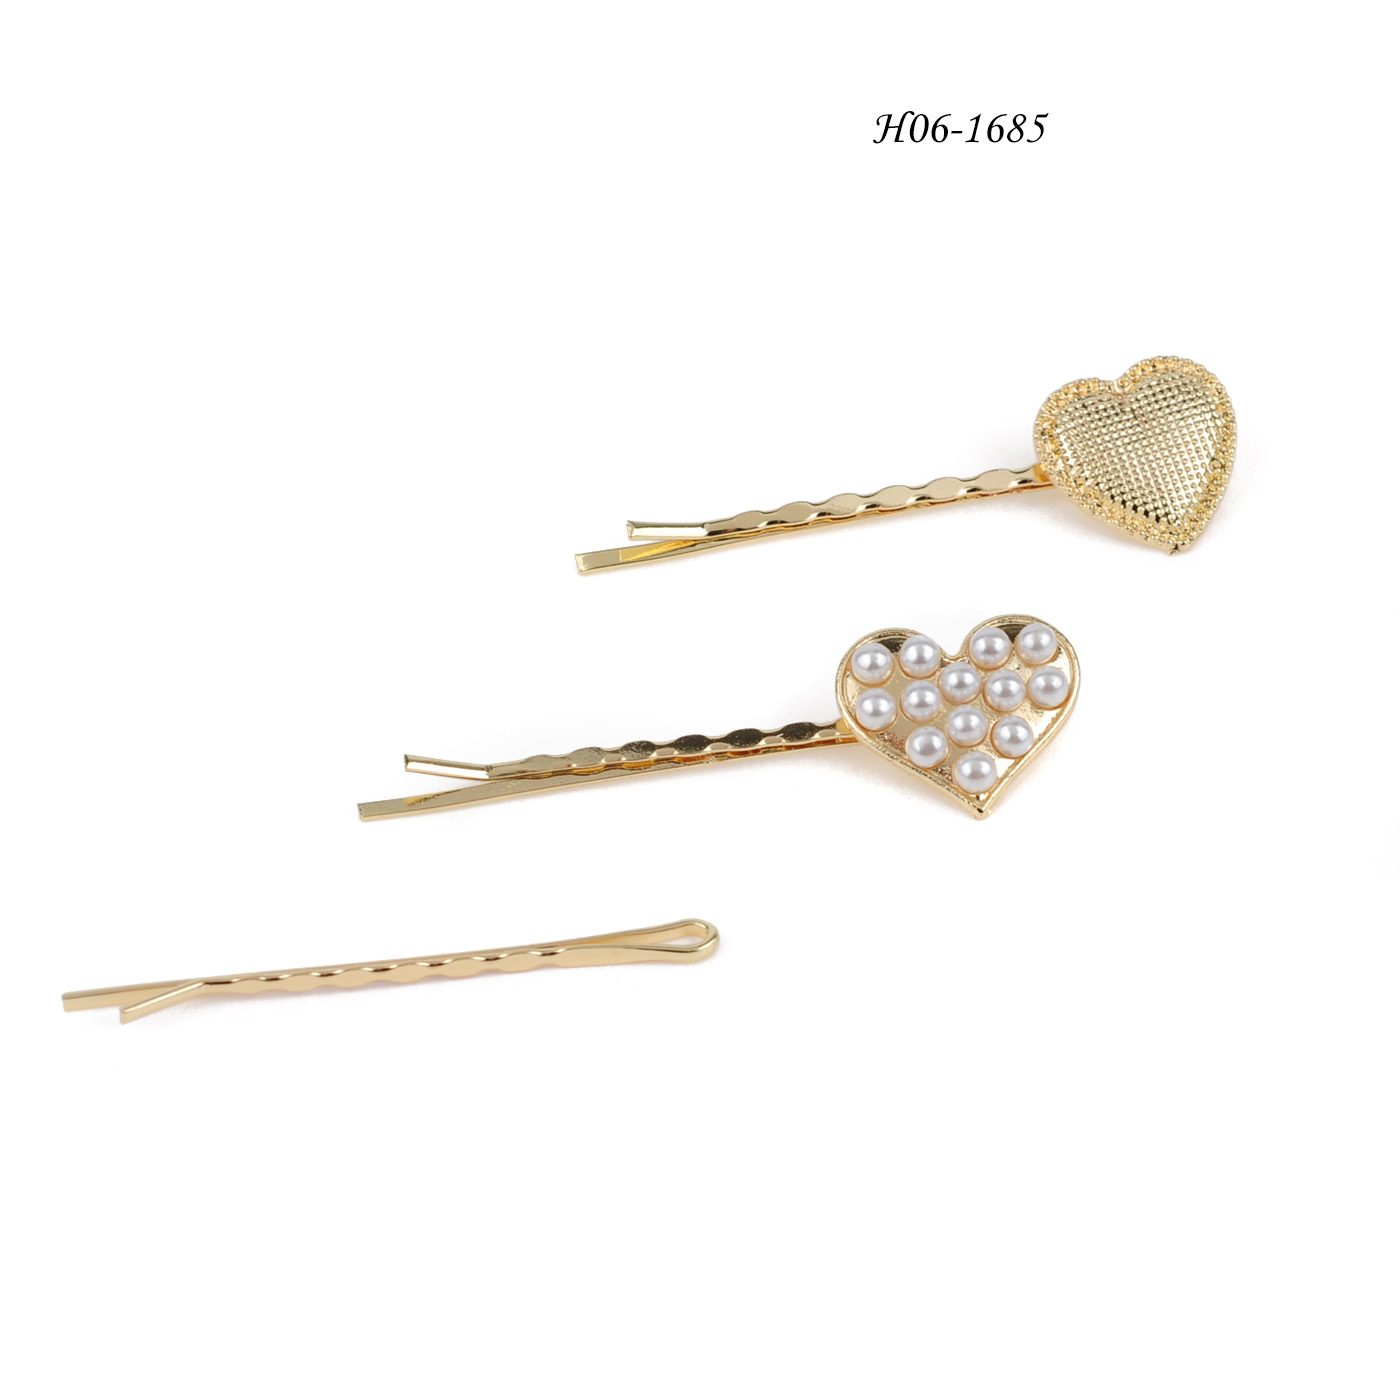 Hair accessories  H06-1685